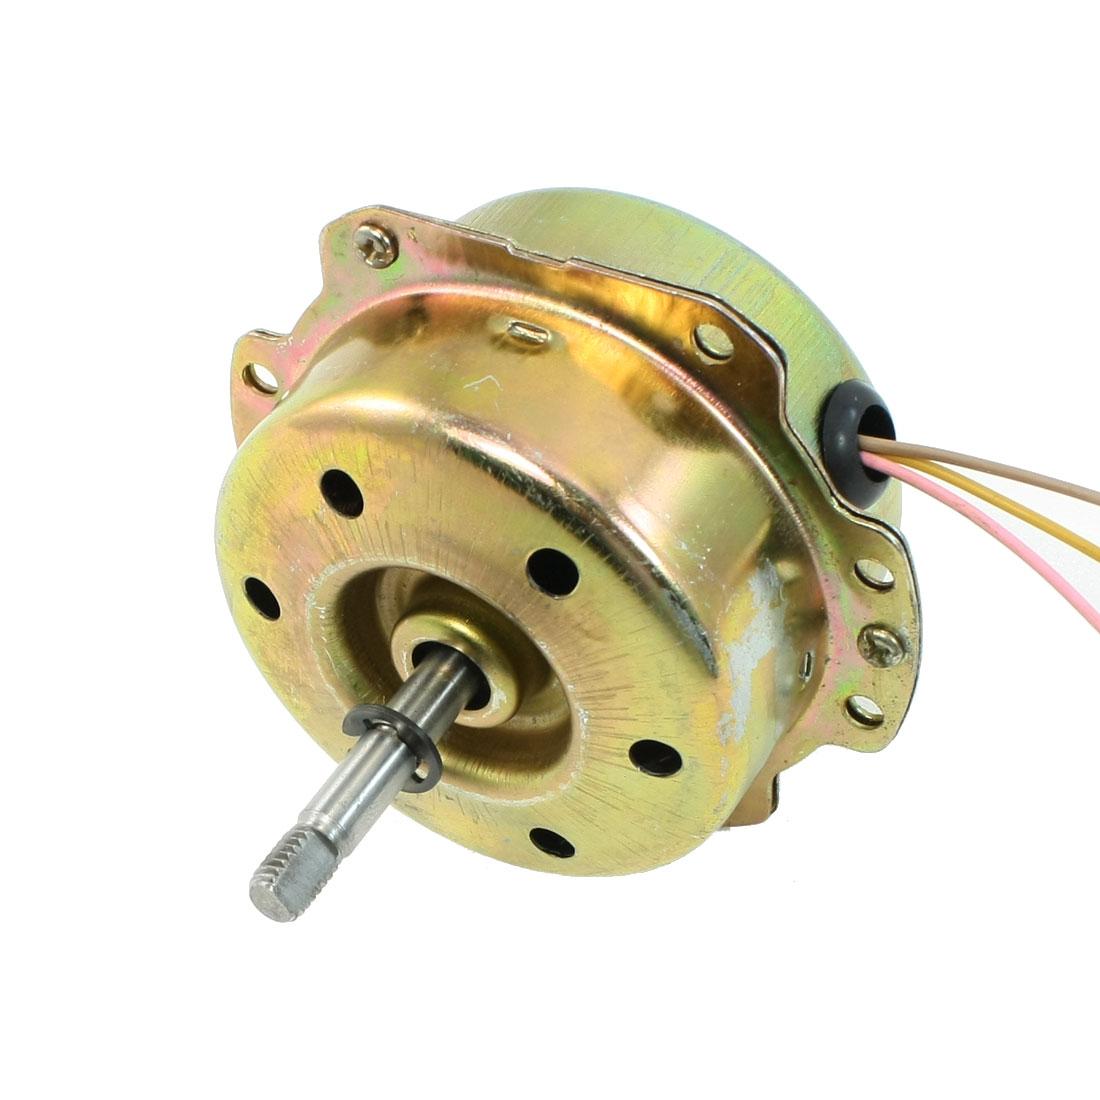 AC 220V 50Hz 0.18A 45W Power 3 Lines Ventilator Fan Motor